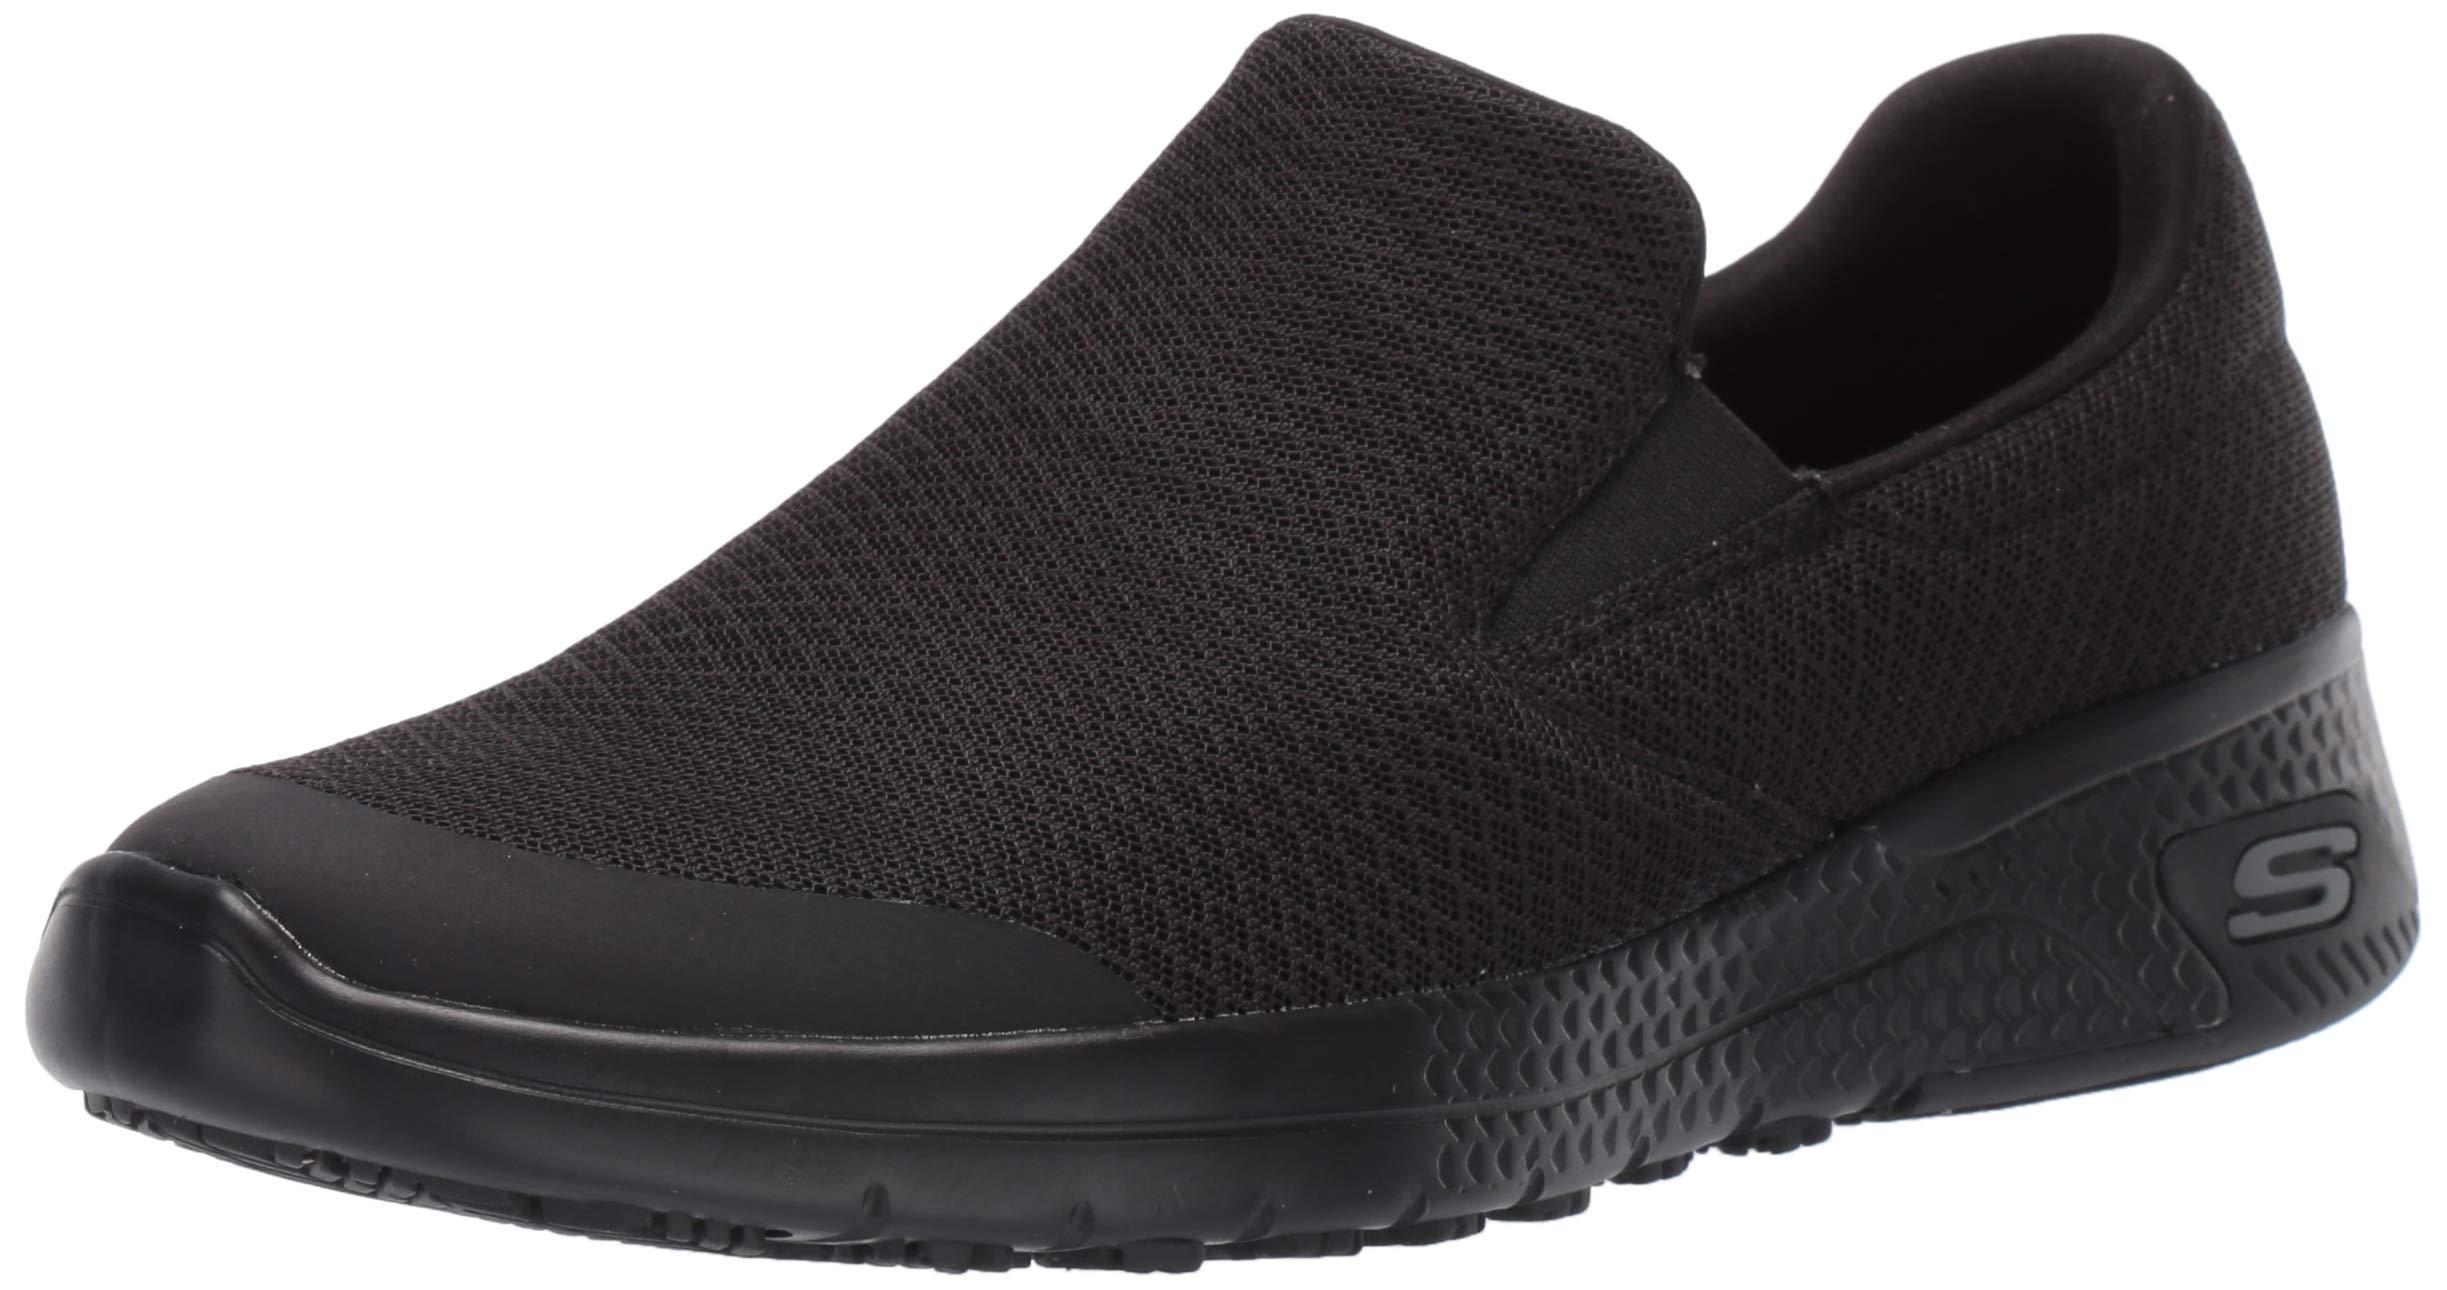 Skechers Women's Marsing Health Care Professional Shoe, Black, 10 W US by Skechers